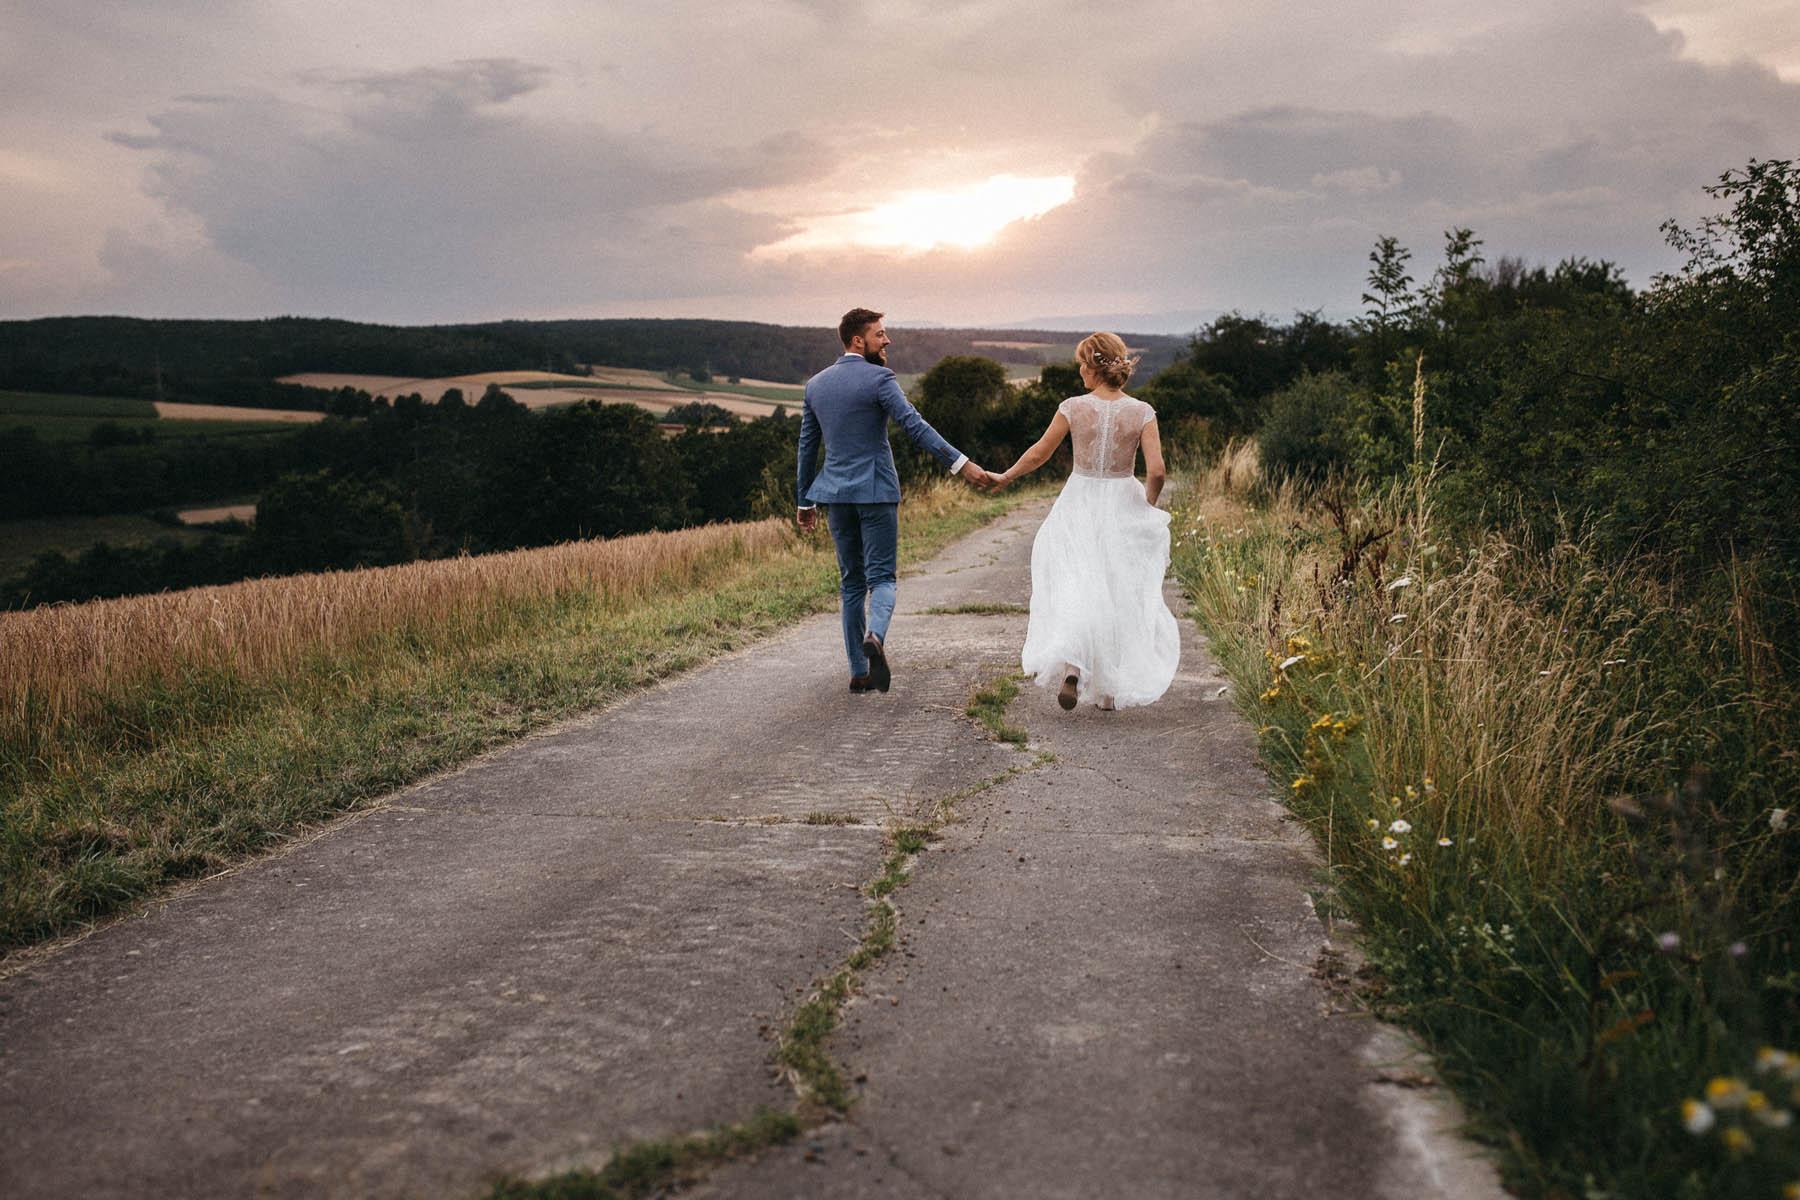 Brautpaar beim Sonnenuntergang auf einem Weg auf der Röhn in Unterfranken | Raissa + Simon Fotografie